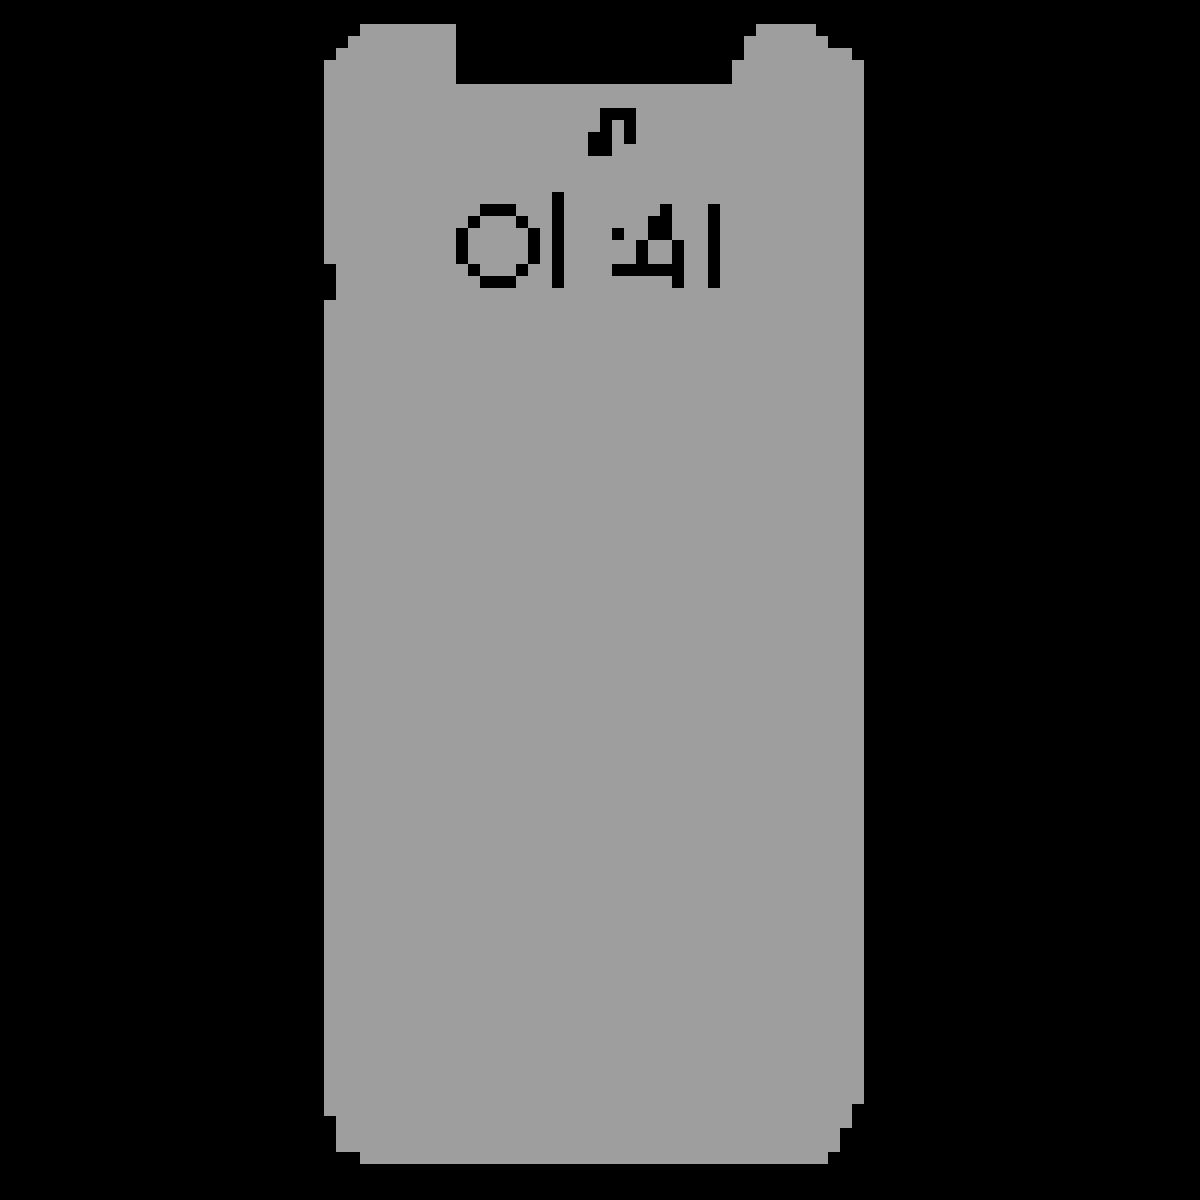 iphone draw by XxjeffyxX12